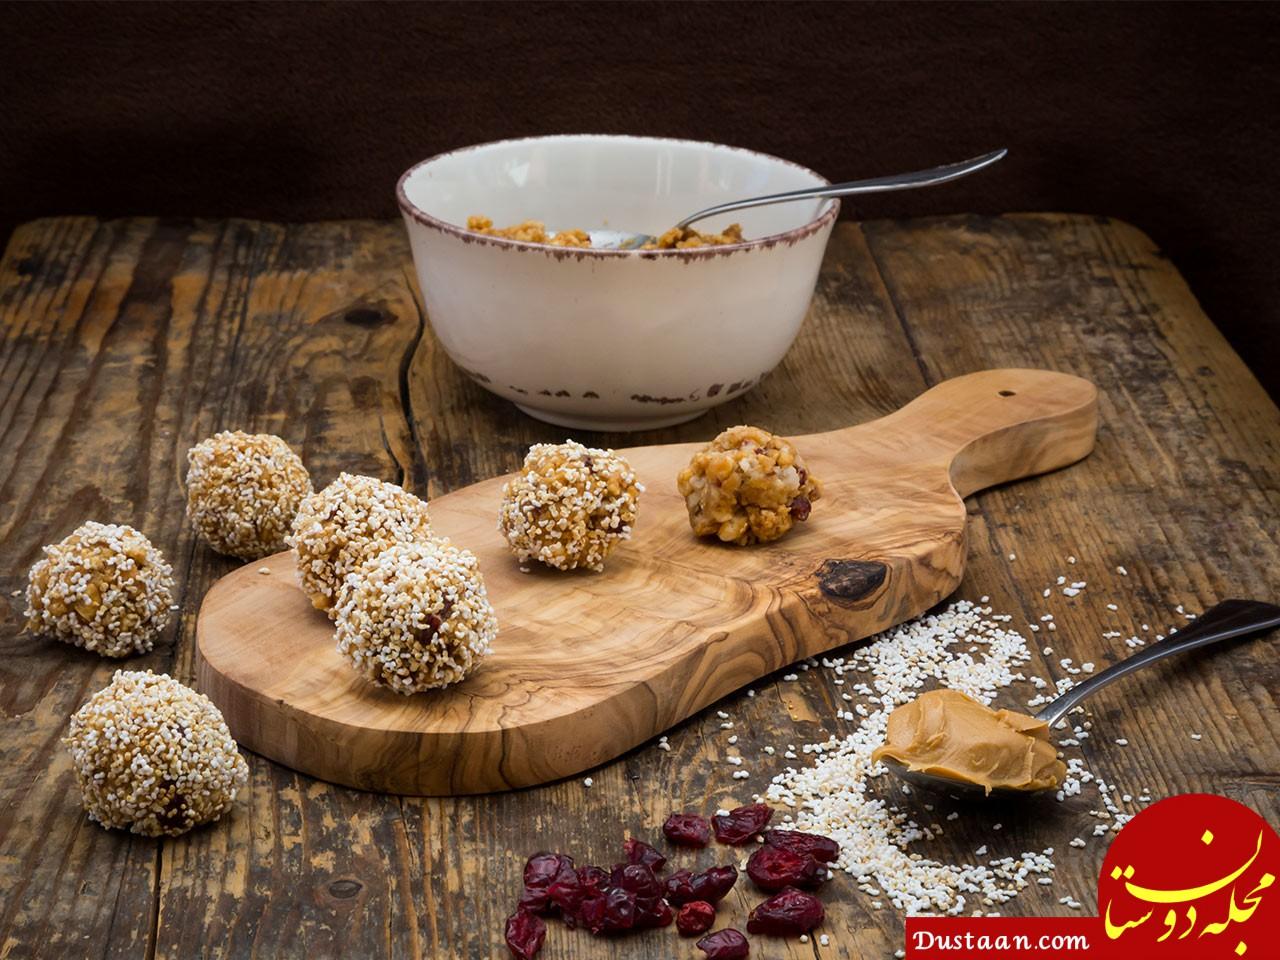 خوراکی های نیروزا برای بهبود عملکرد مغز